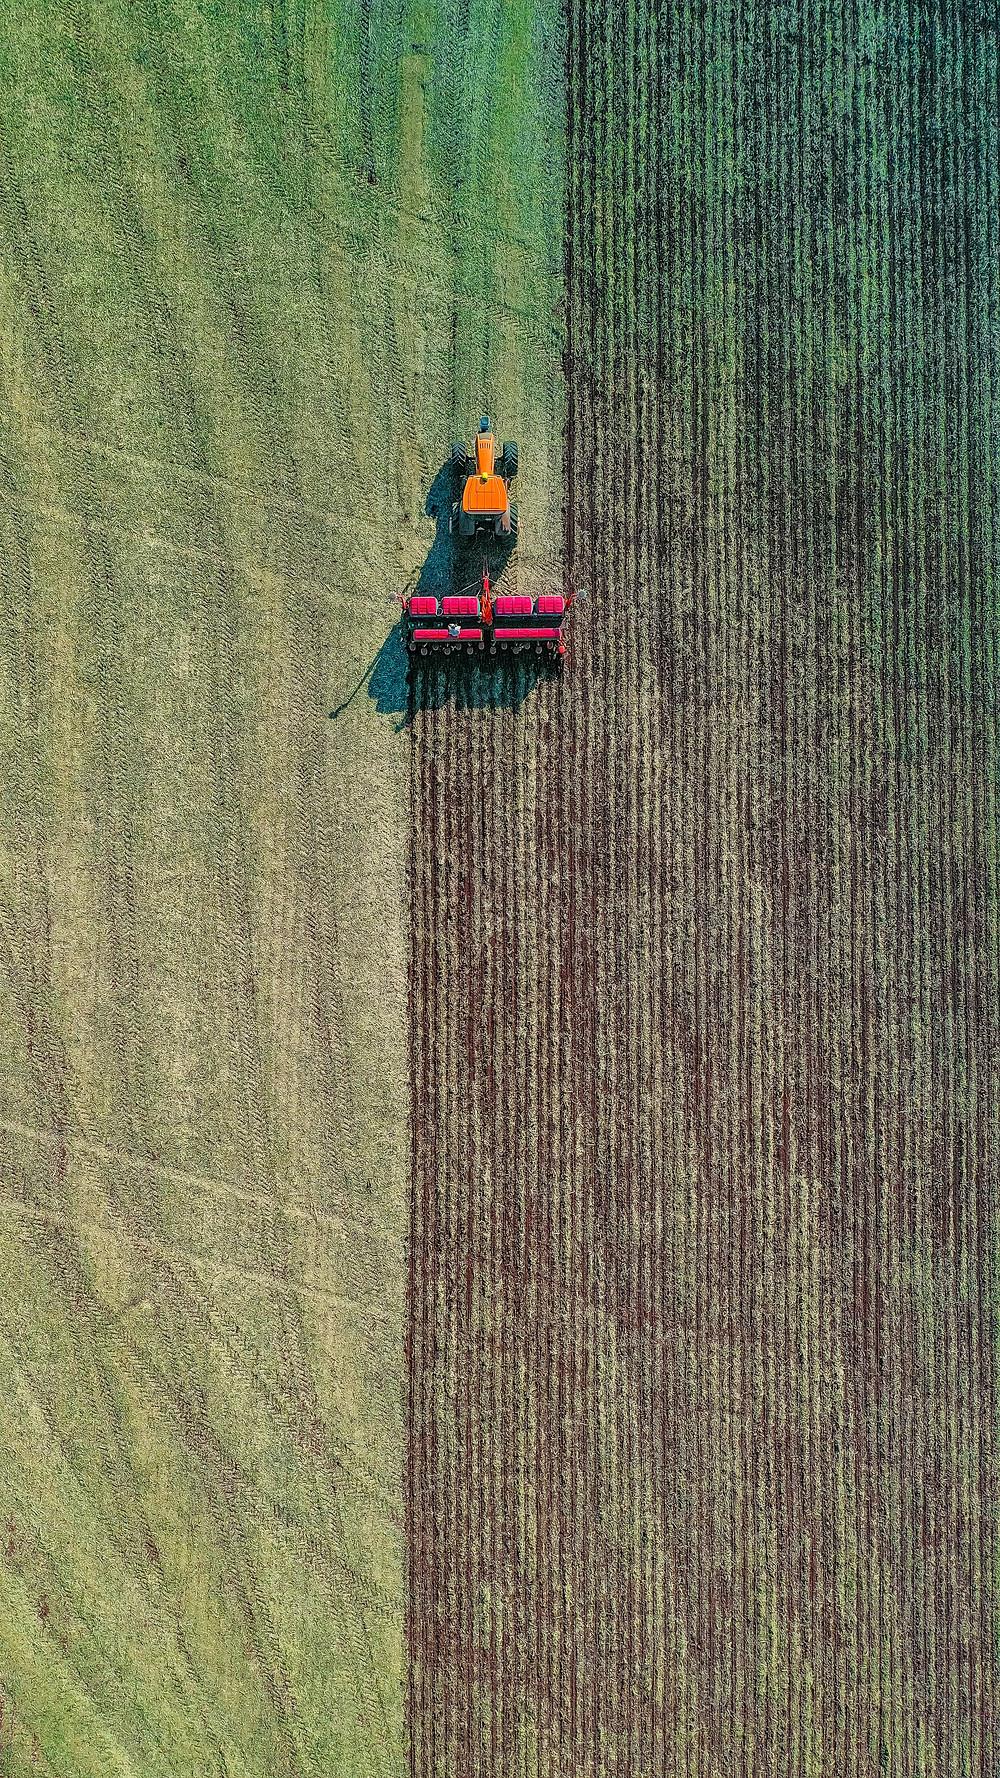 tractor sembrando en el campo vista aire